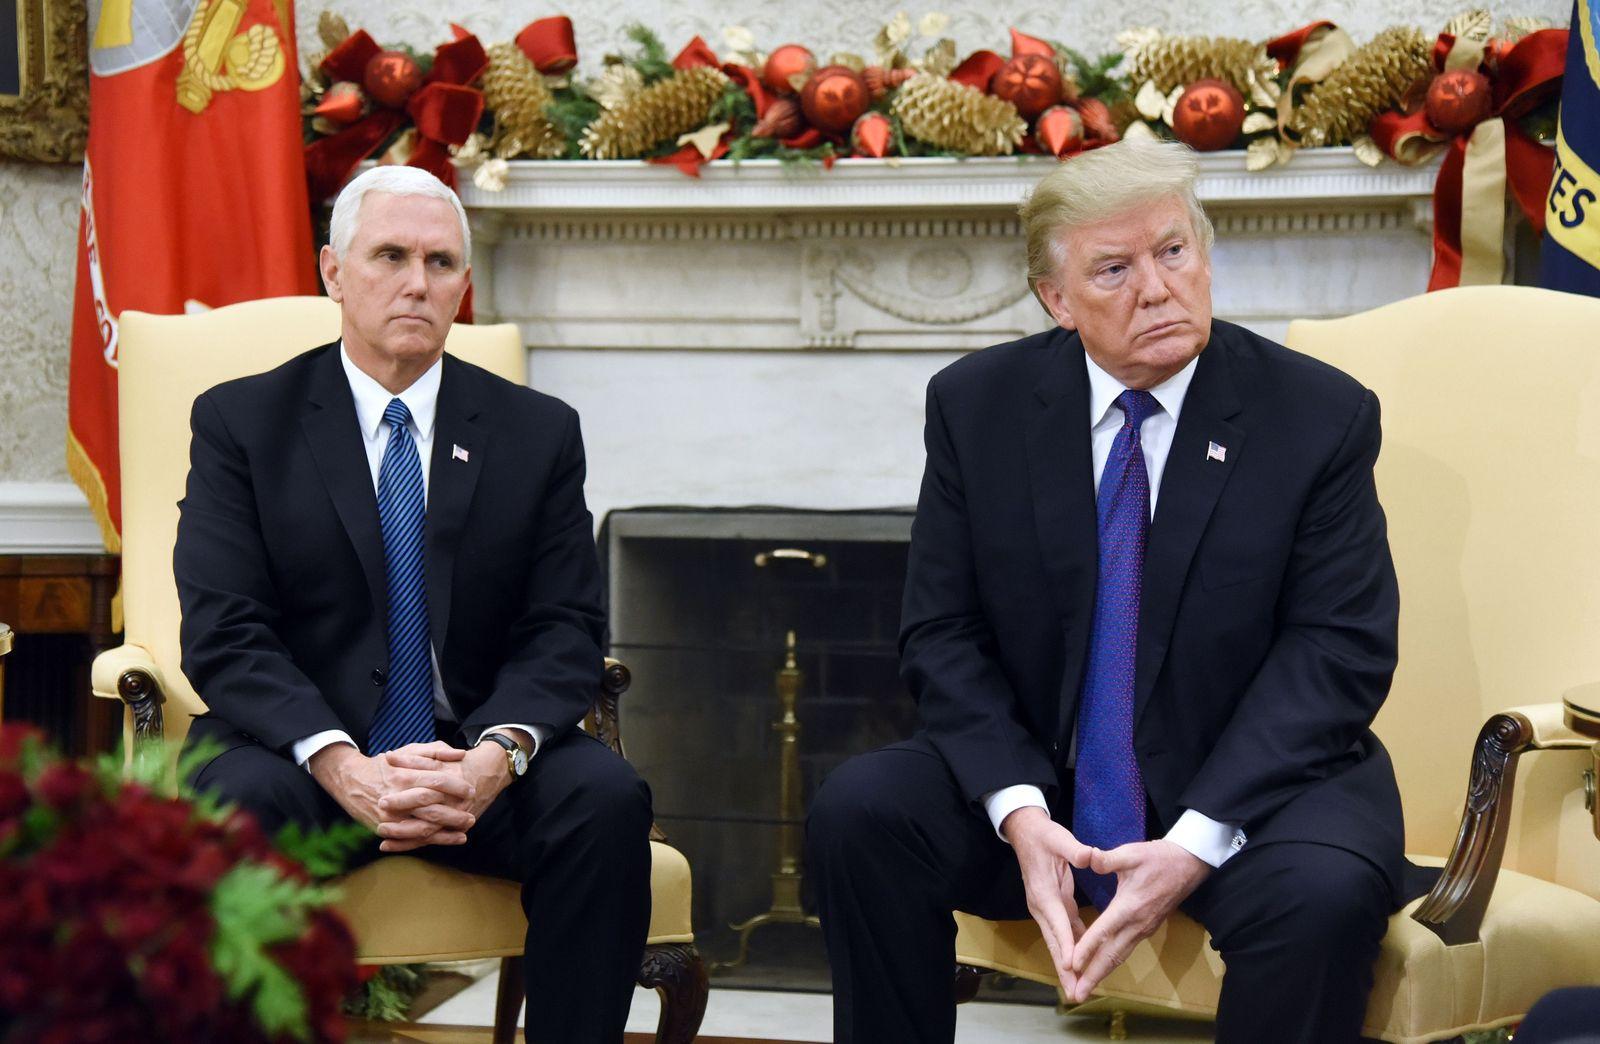 Donald J. Trump/ Mike Pence